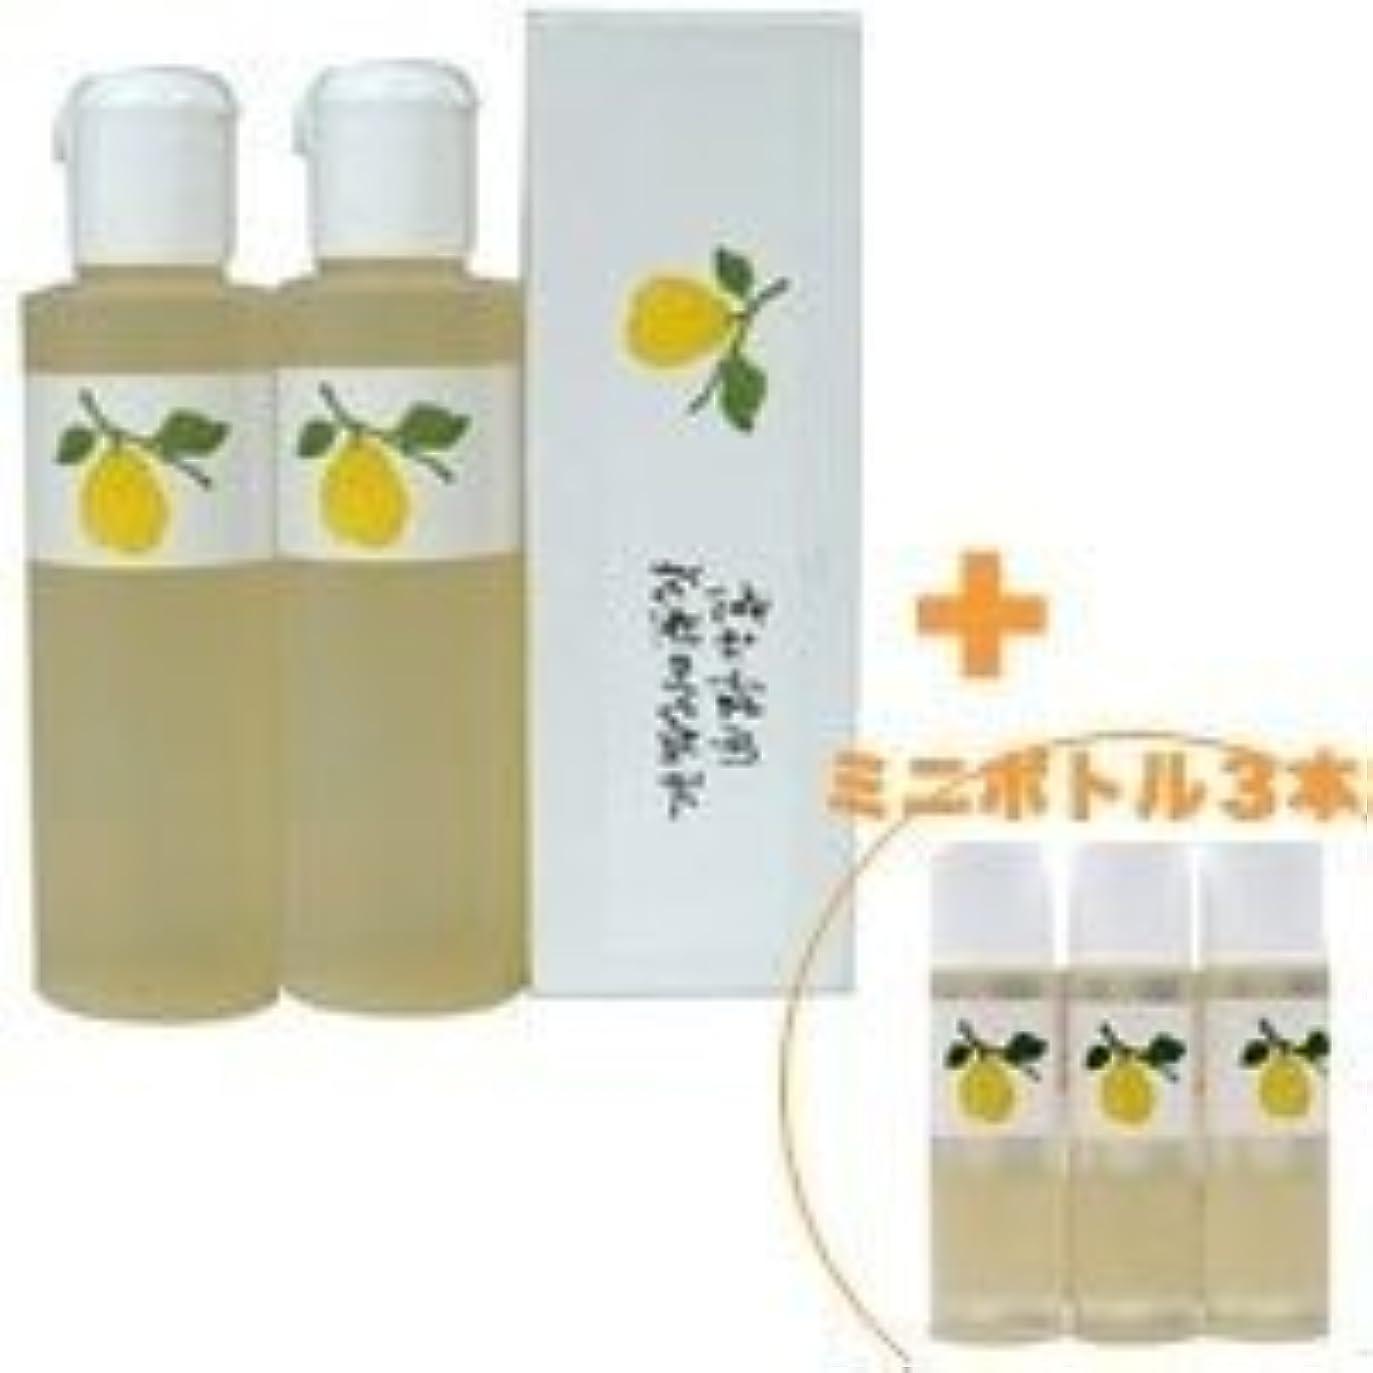 散るアンビエント鷹花梨の化粧水 200ml 2本&ミニボトル 3本 美容液 栄養クリームのいらないお肌へ 保湿と乾燥対策に